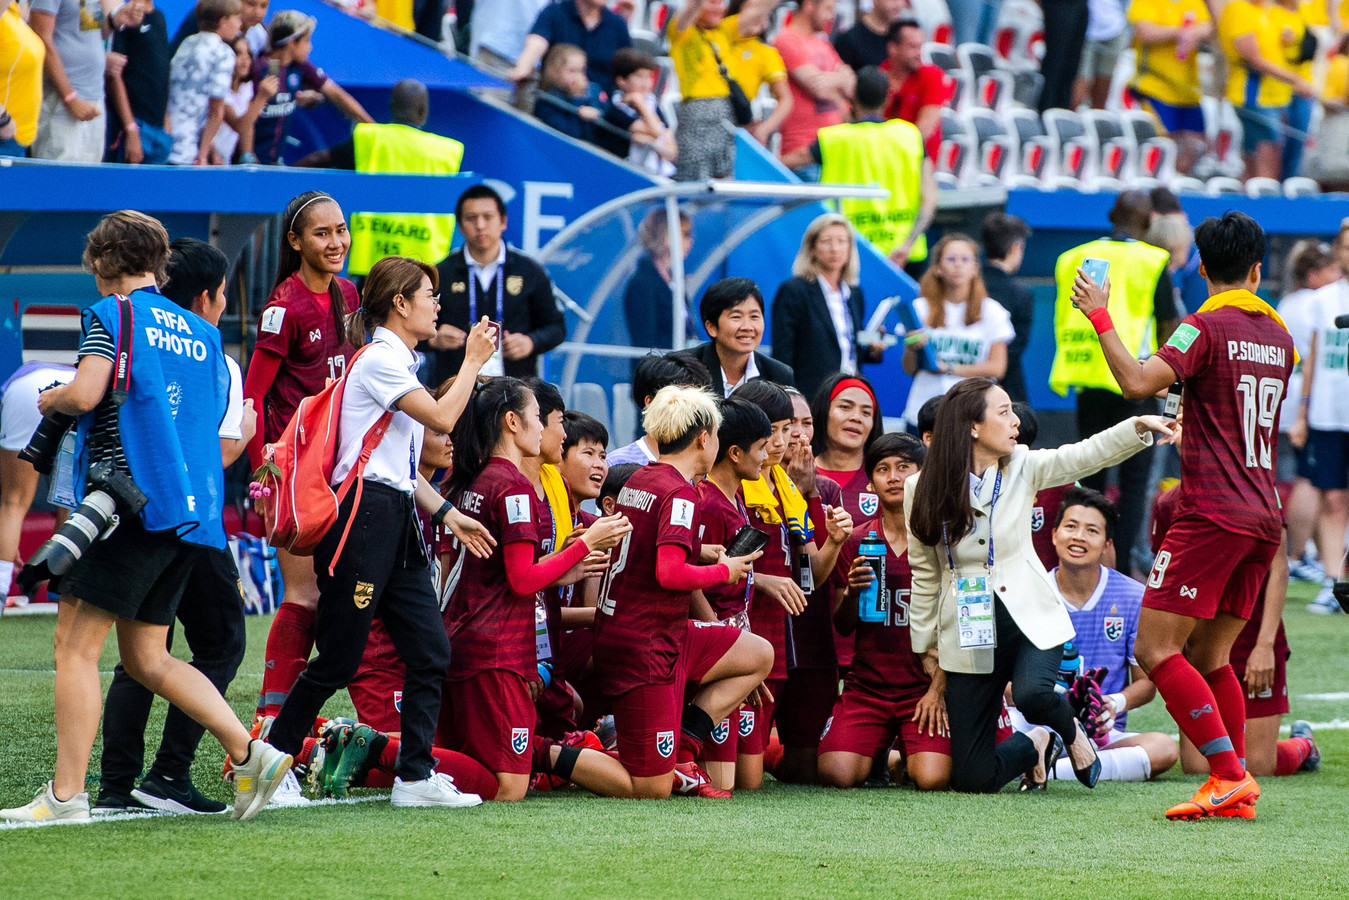 Na de wedstrijd tegen Zweden is er nog tijd voor een selfie.